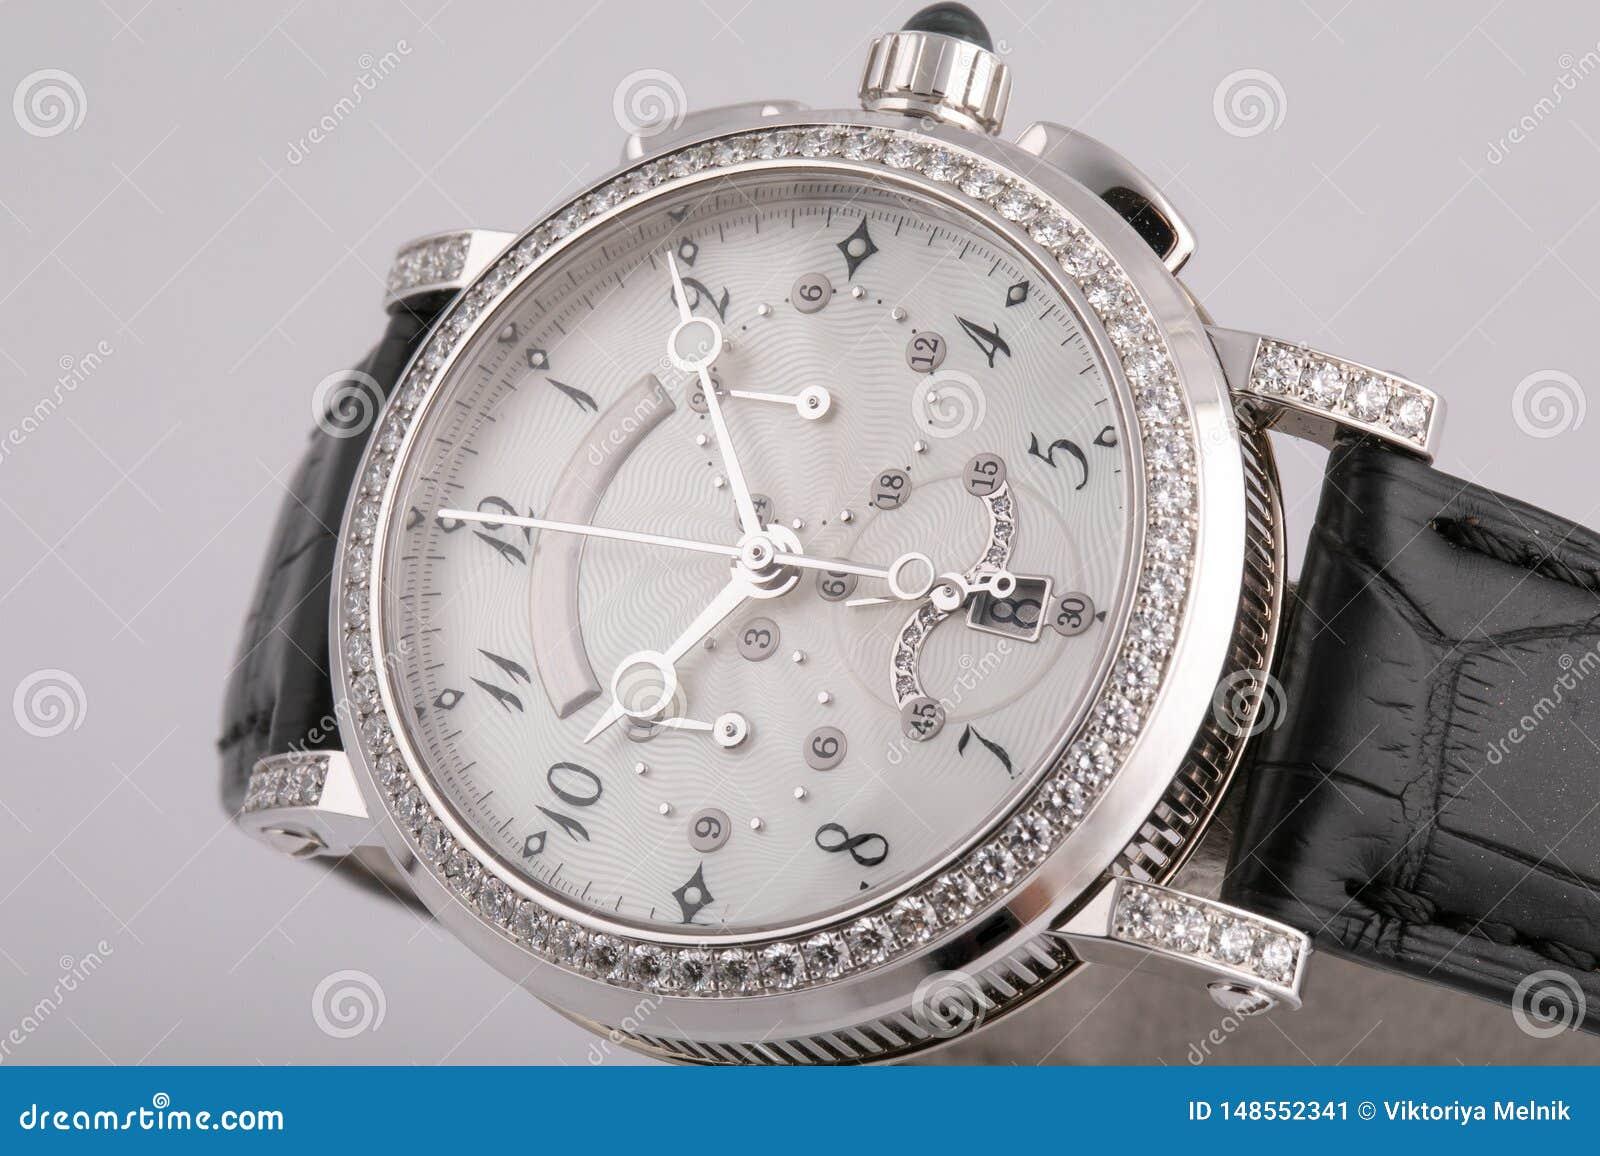 有一个白色拨号盘的女性银色手表,银色顺时针,测时器,秒表,构筑石头,与黑皮带